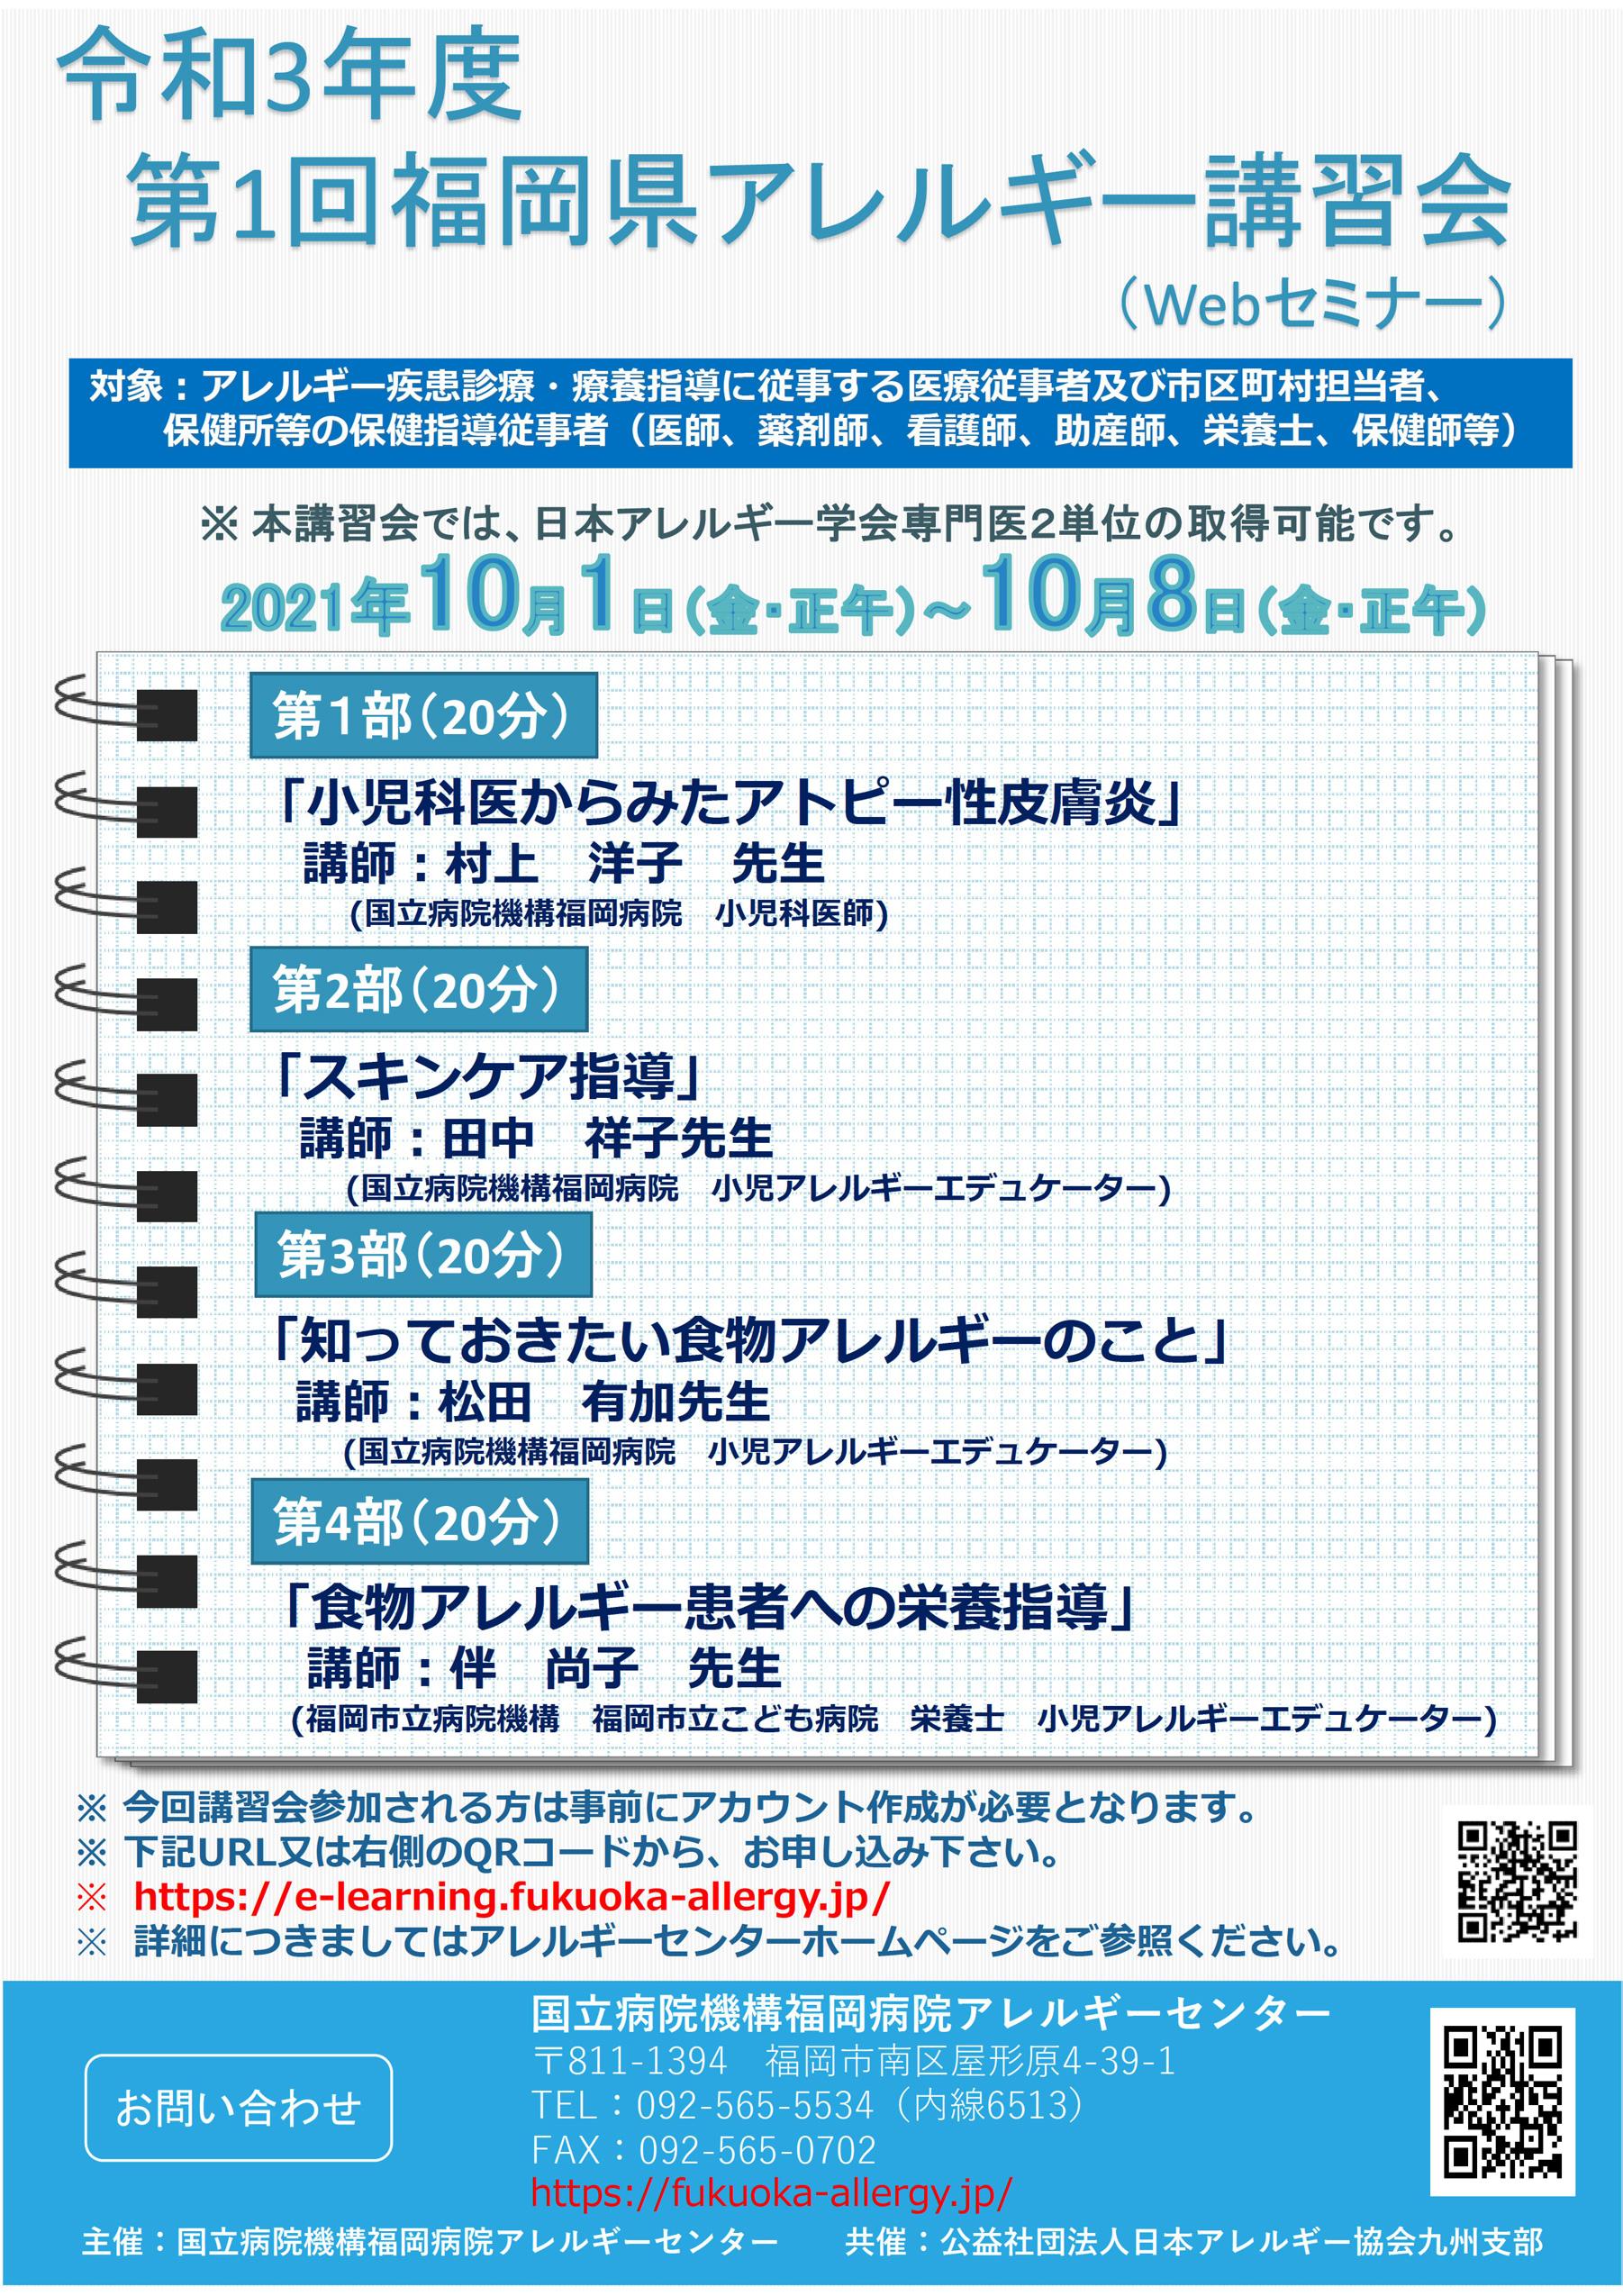 令和3年度 第1回 福岡県アレルギー講習会案内